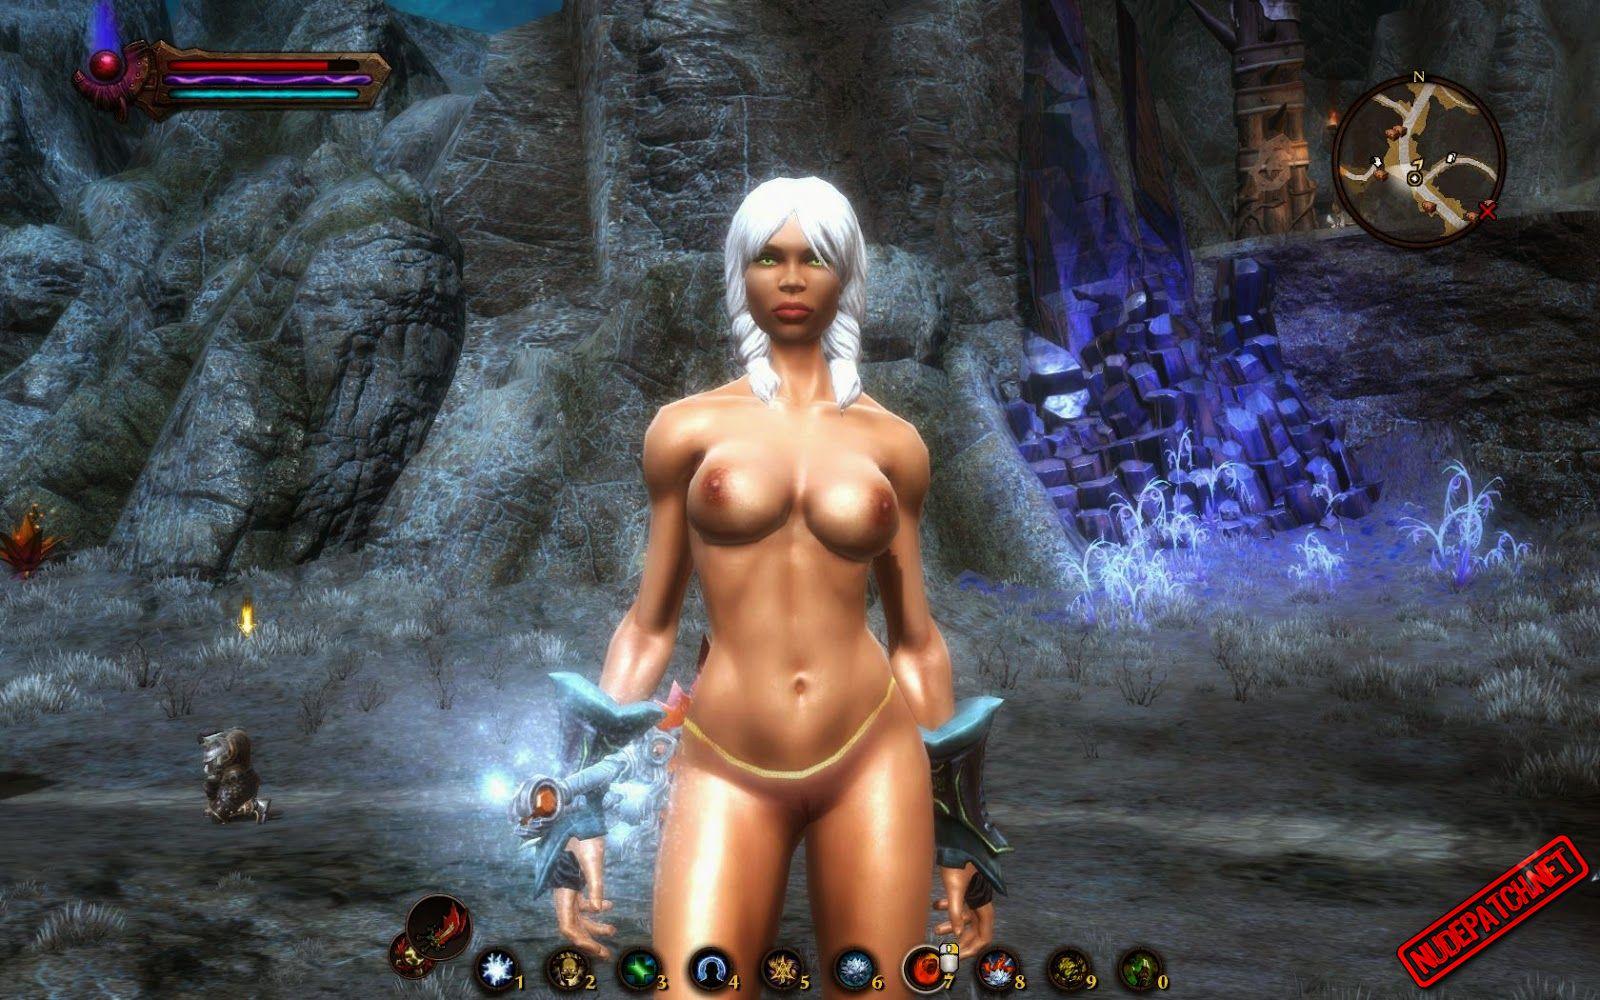 Borderlands Nude Mod Great kingdoms of amalur | nude patch